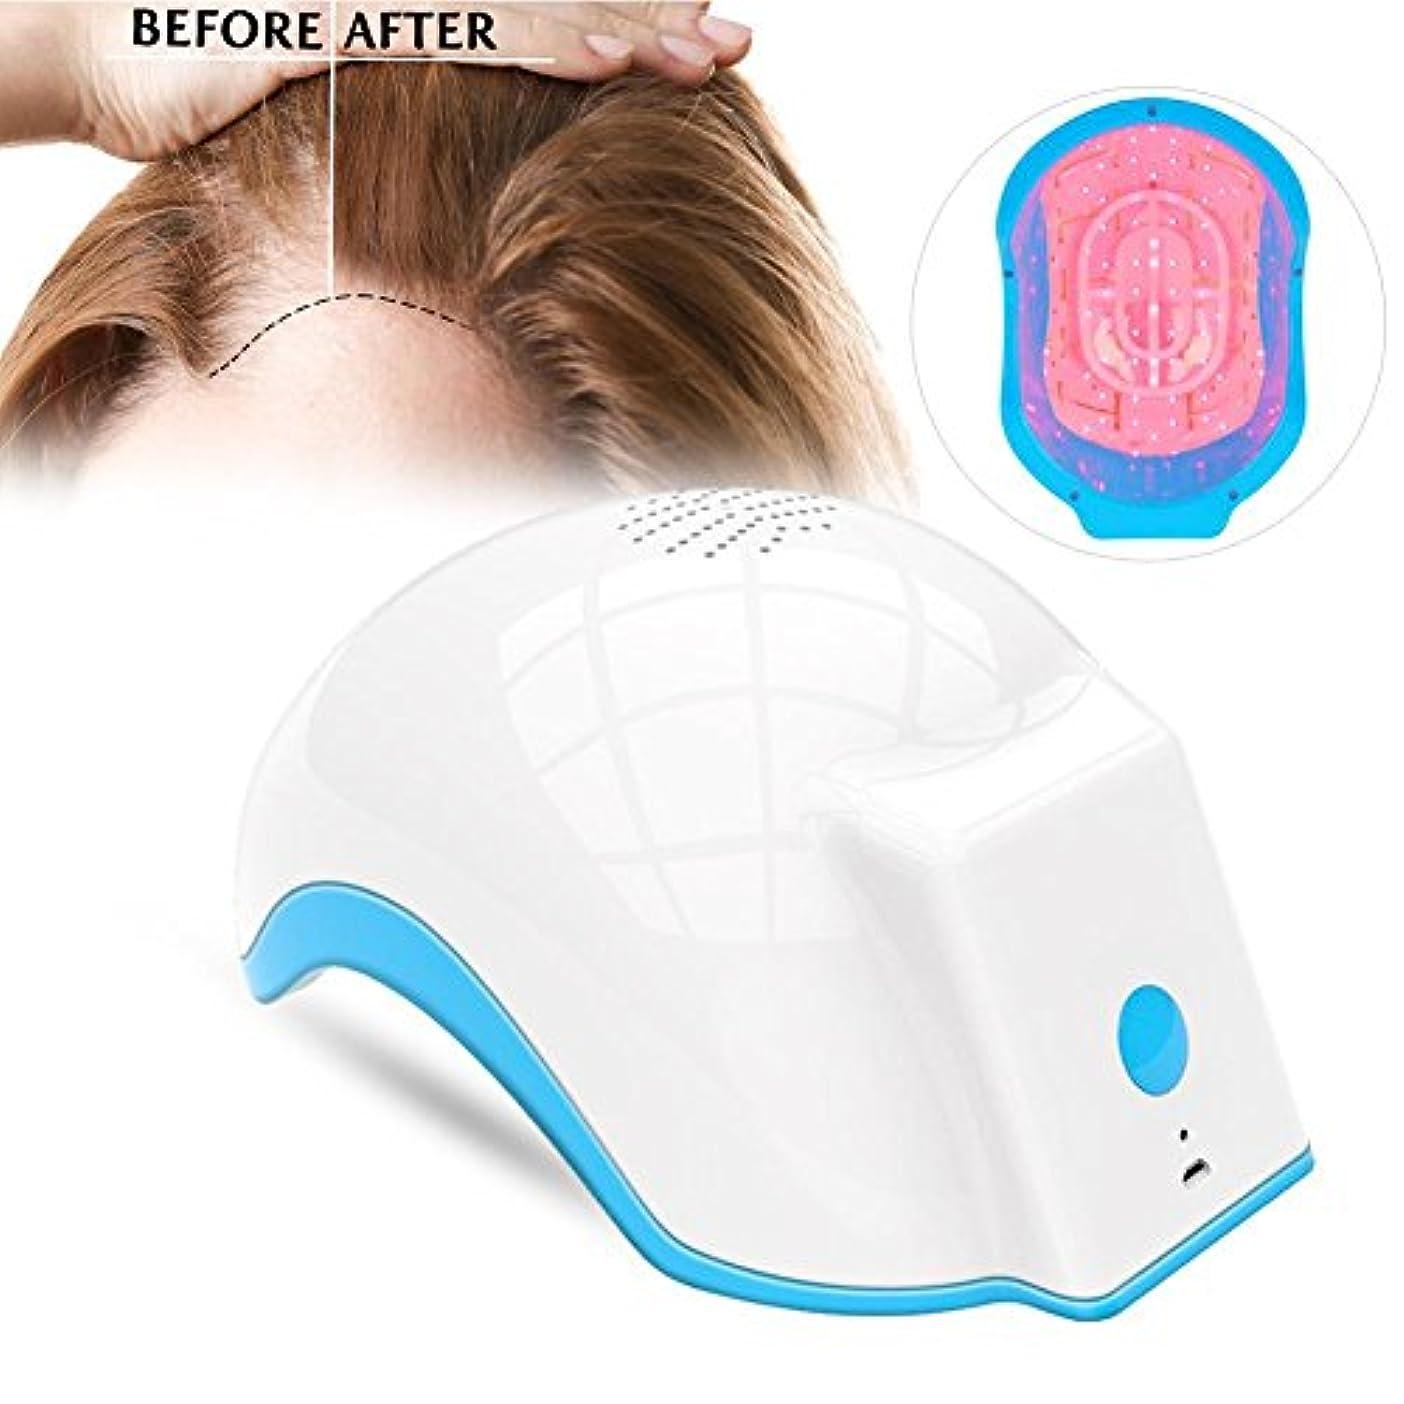 重要な役割を果たす、中心的な手段となるデマンド支出毛の成長のヘルメット、セリウムは毛損失の再生の脱毛症の帽子のヘルメットの毛の再生キャップのマッサージ装置の反毛損失装置を承認しました(US), 100-240v脱毛再生治療療法脱毛症キャップヘルメット(米国プラグ)